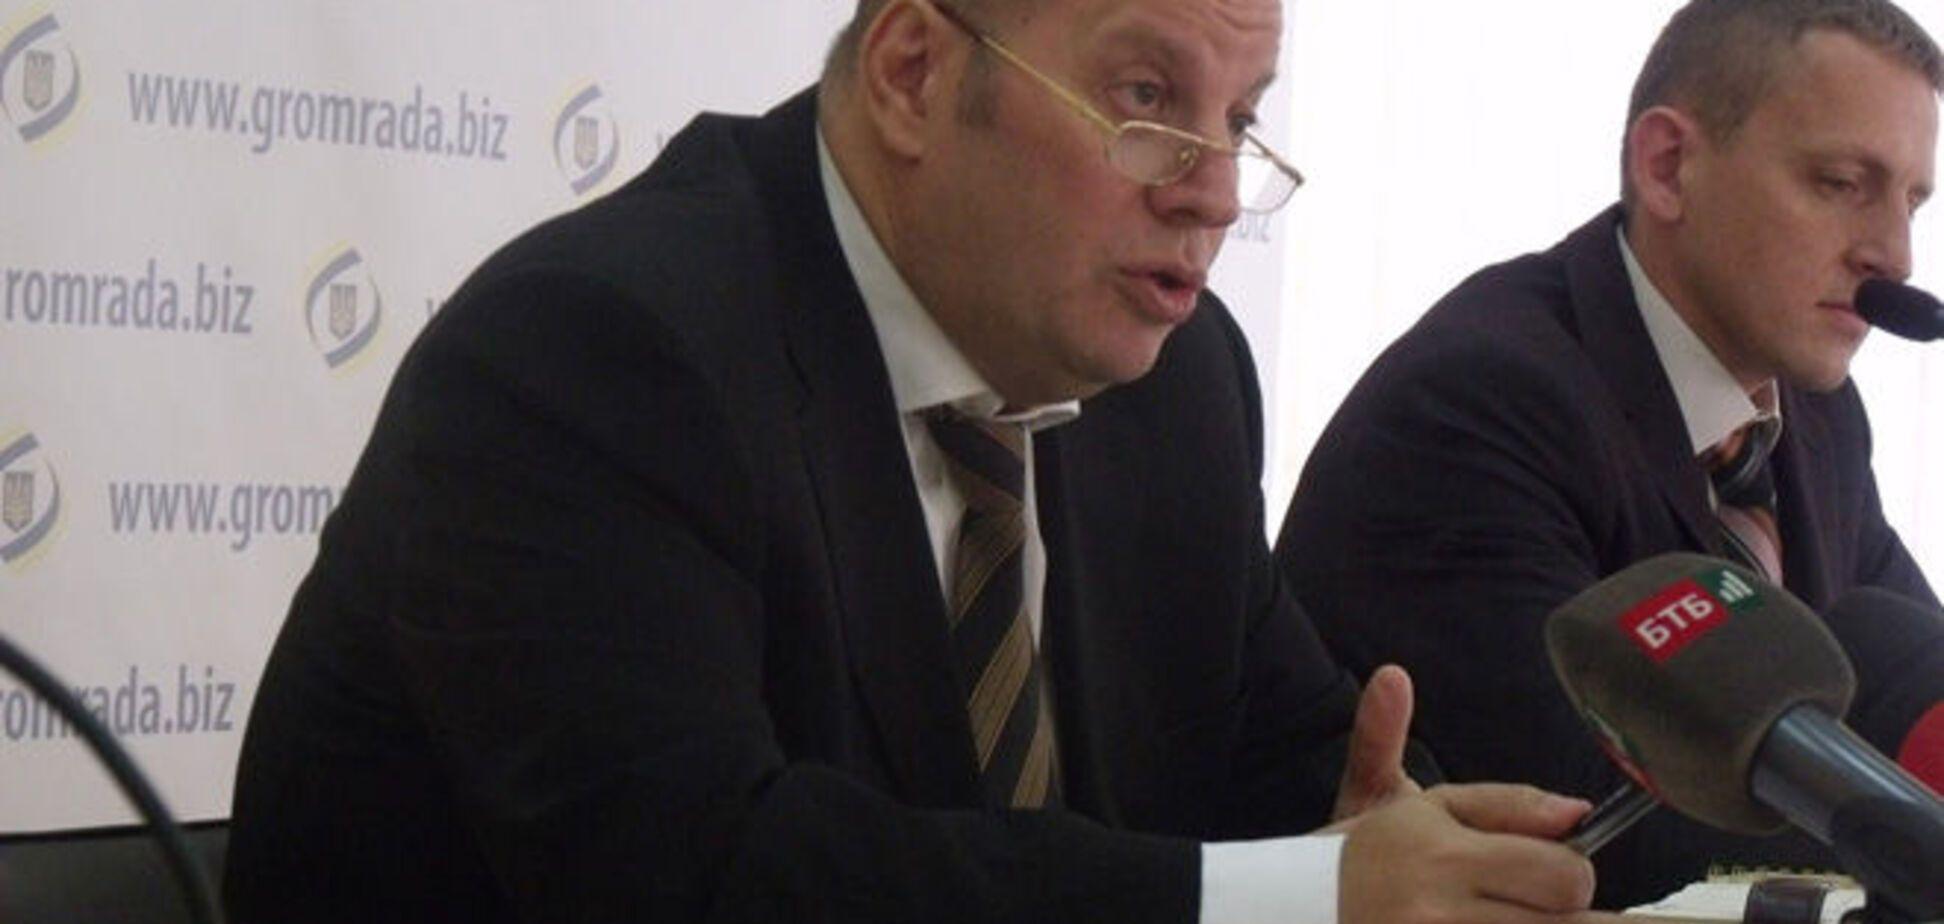 Бродский о конфликте Коломойского и Пинчука: олигархи должны выяснить отношения